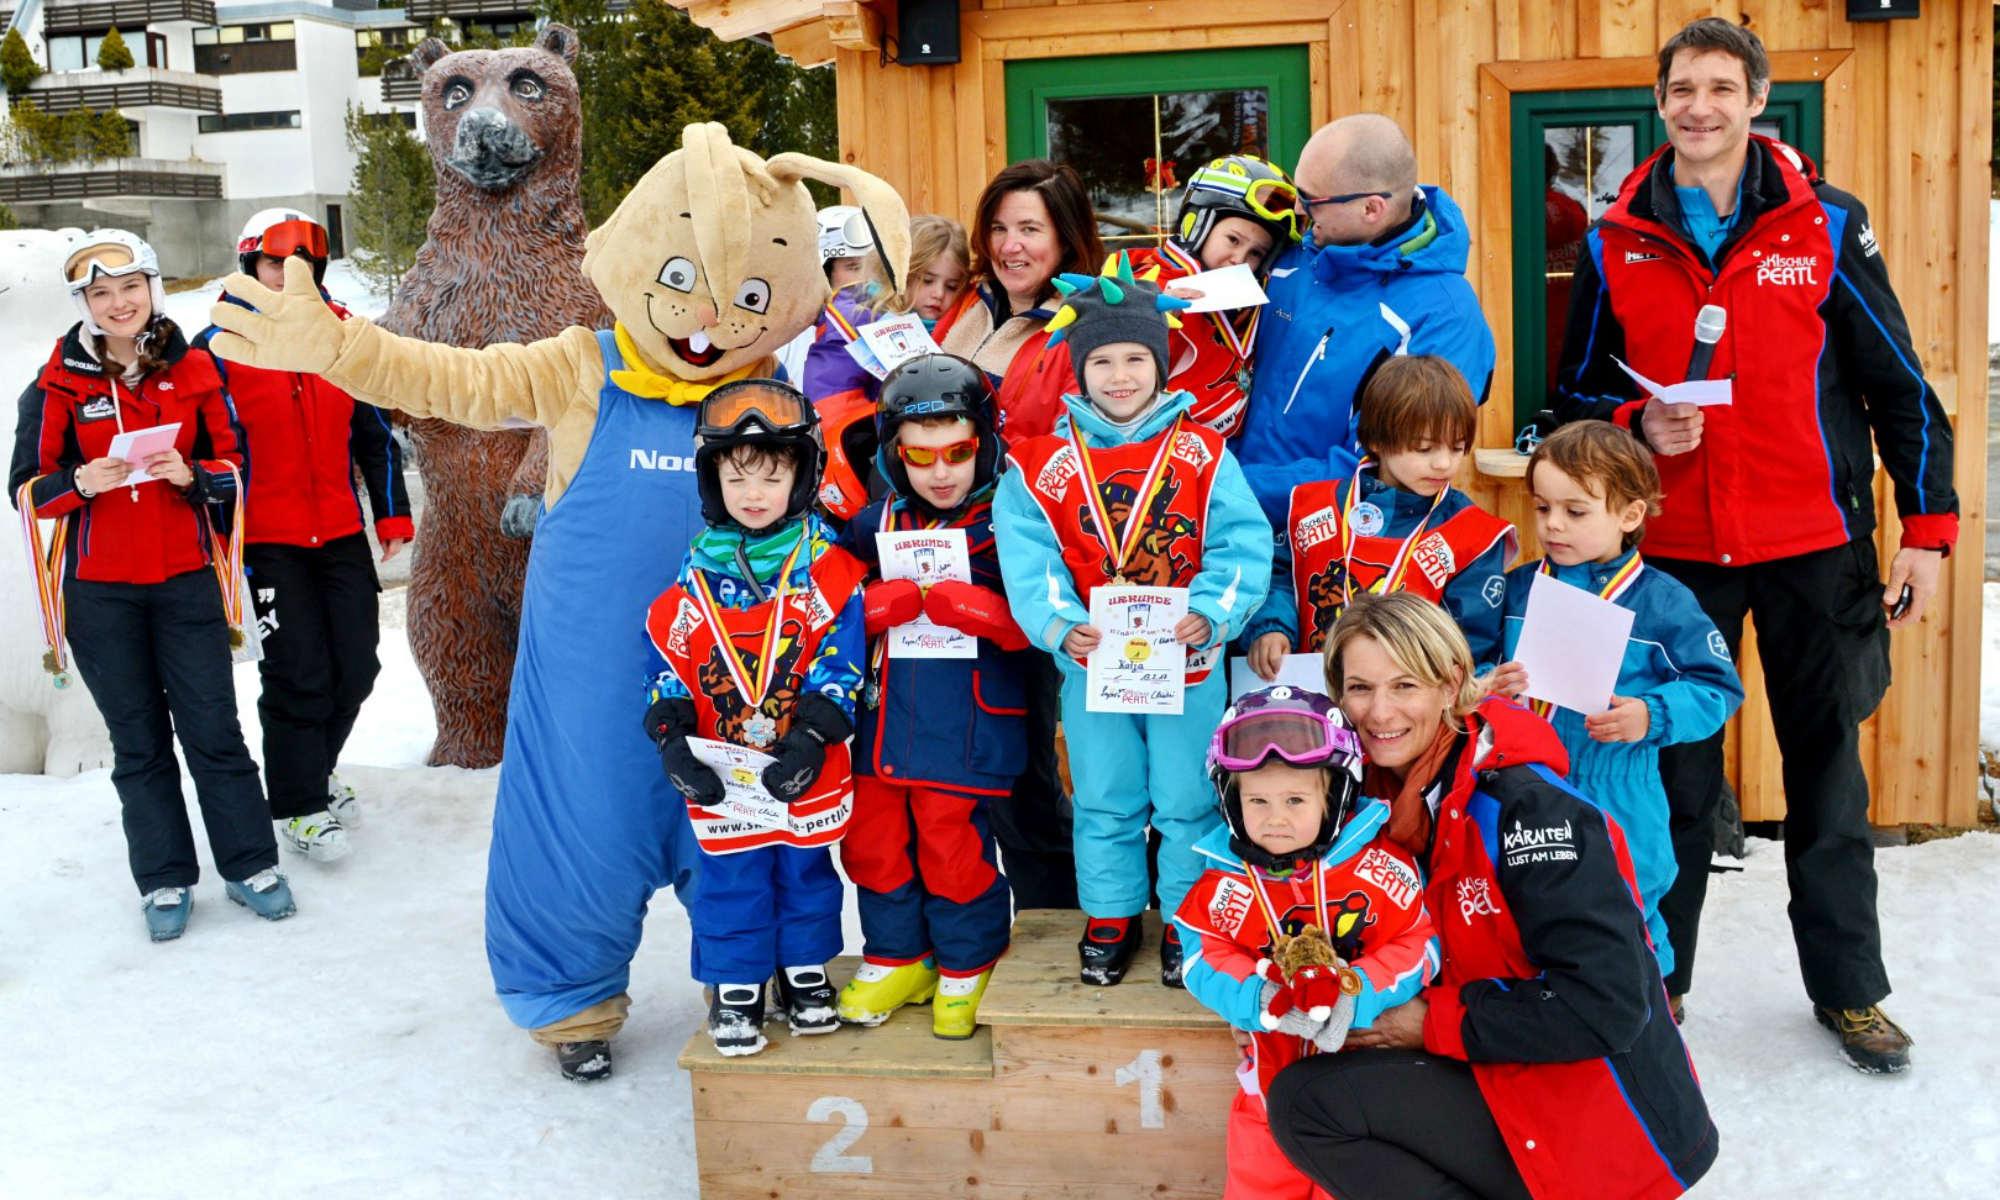 Eine Gruppe von Kindern bei der Siegerehrung nach einem Skikurs auf der Turracher Höhe.